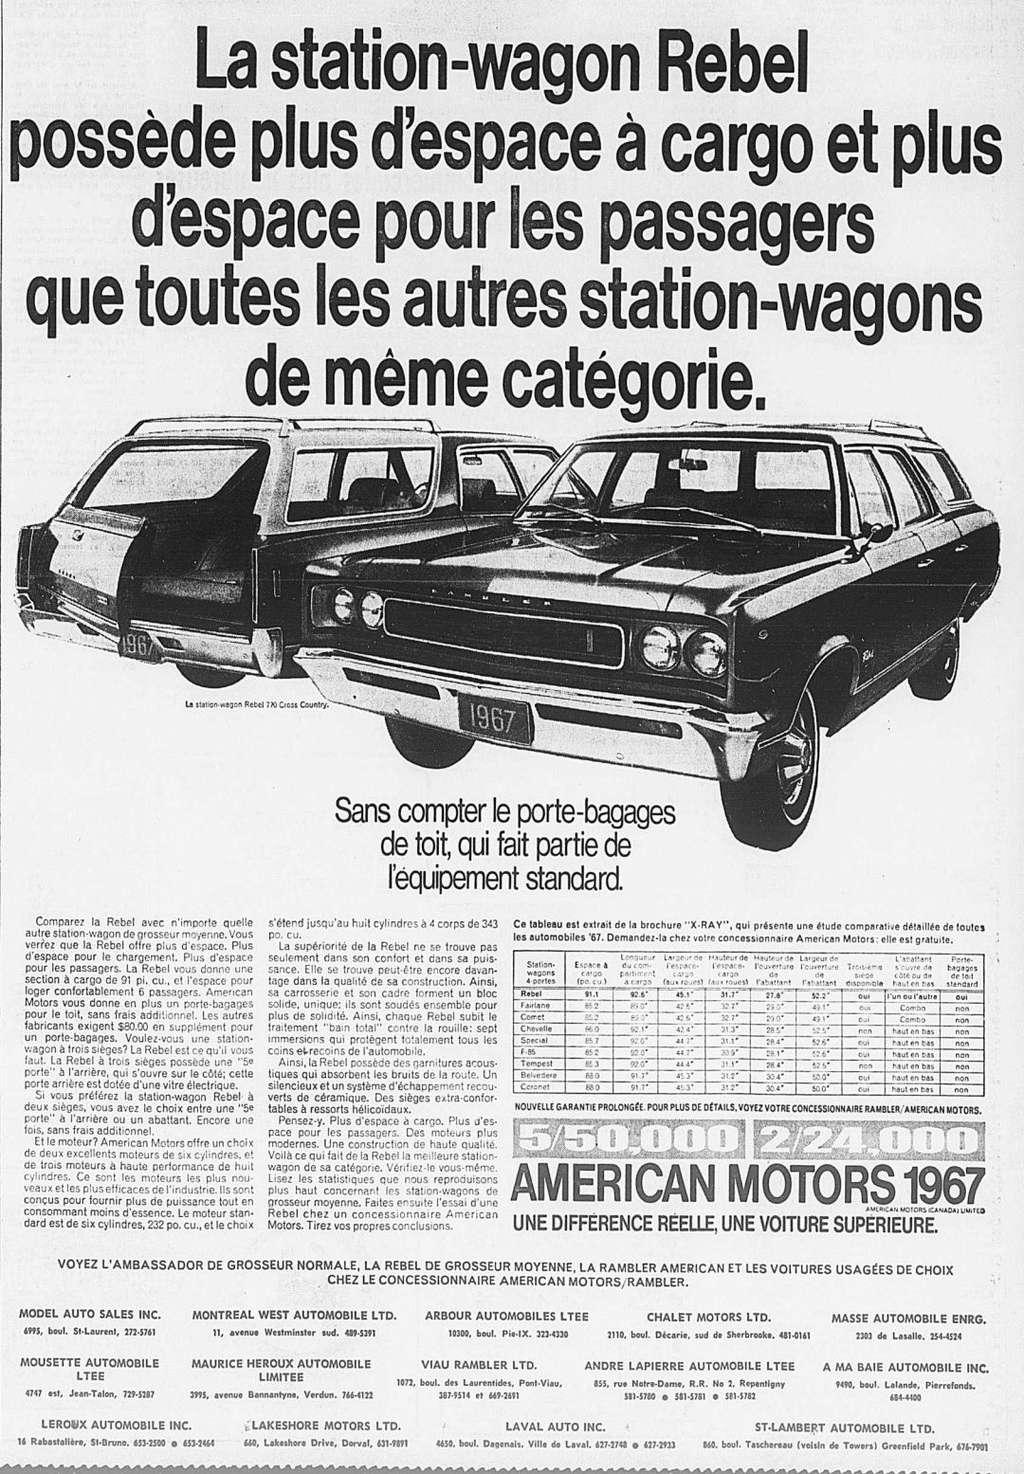 Vieilles publicités AMC au Québec - Page 2 1967_077